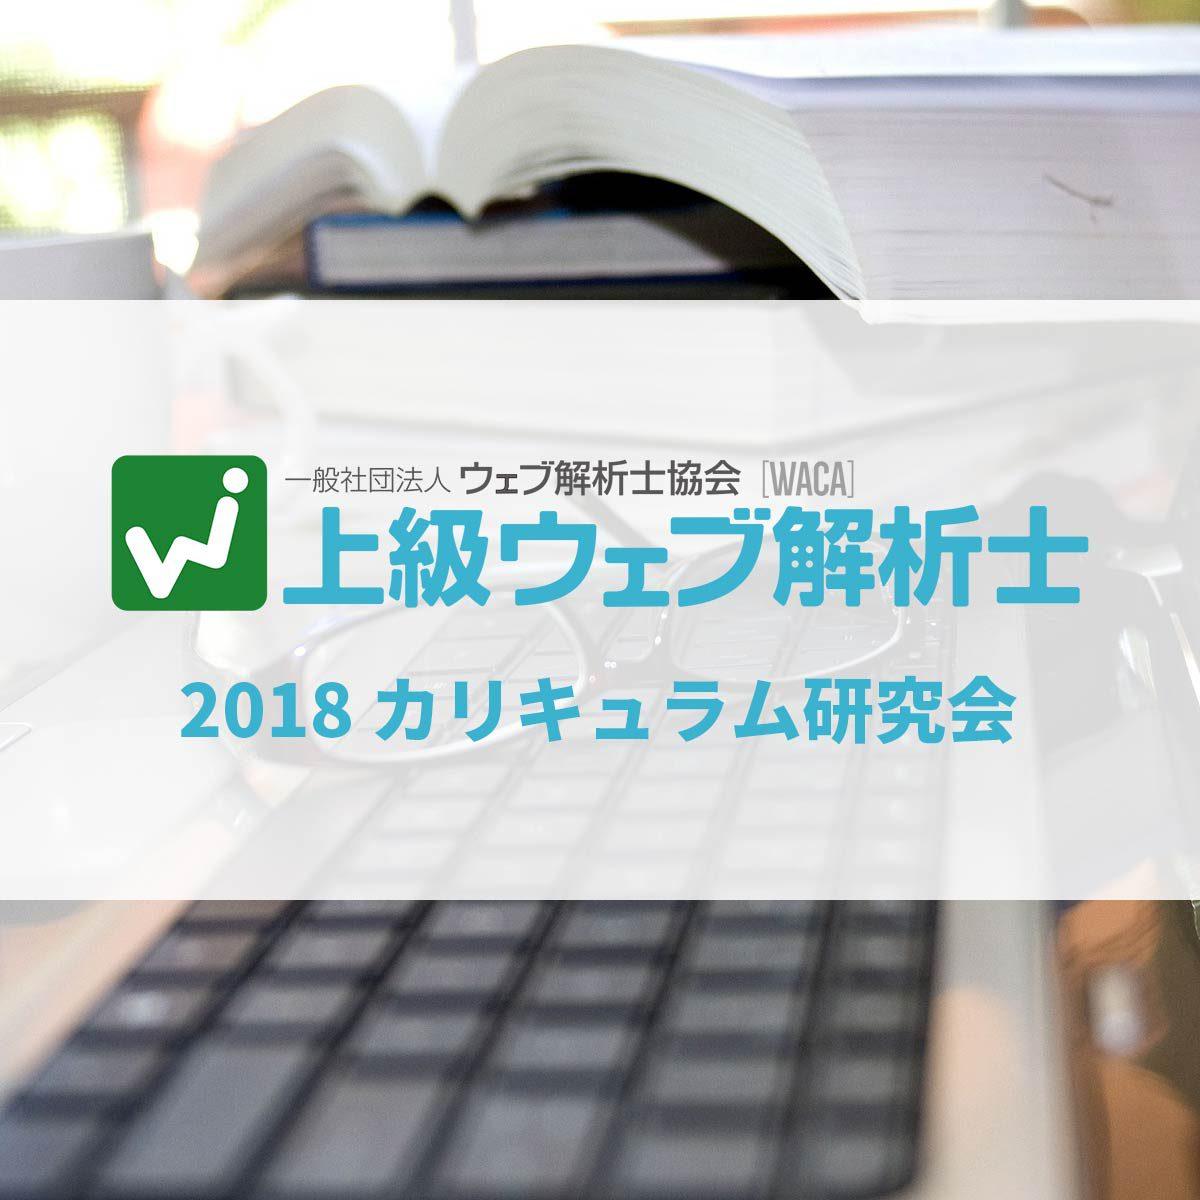 【11月報告】2018年上級ウェブ解析士カリキュラム研究会のアイキャッチ画像